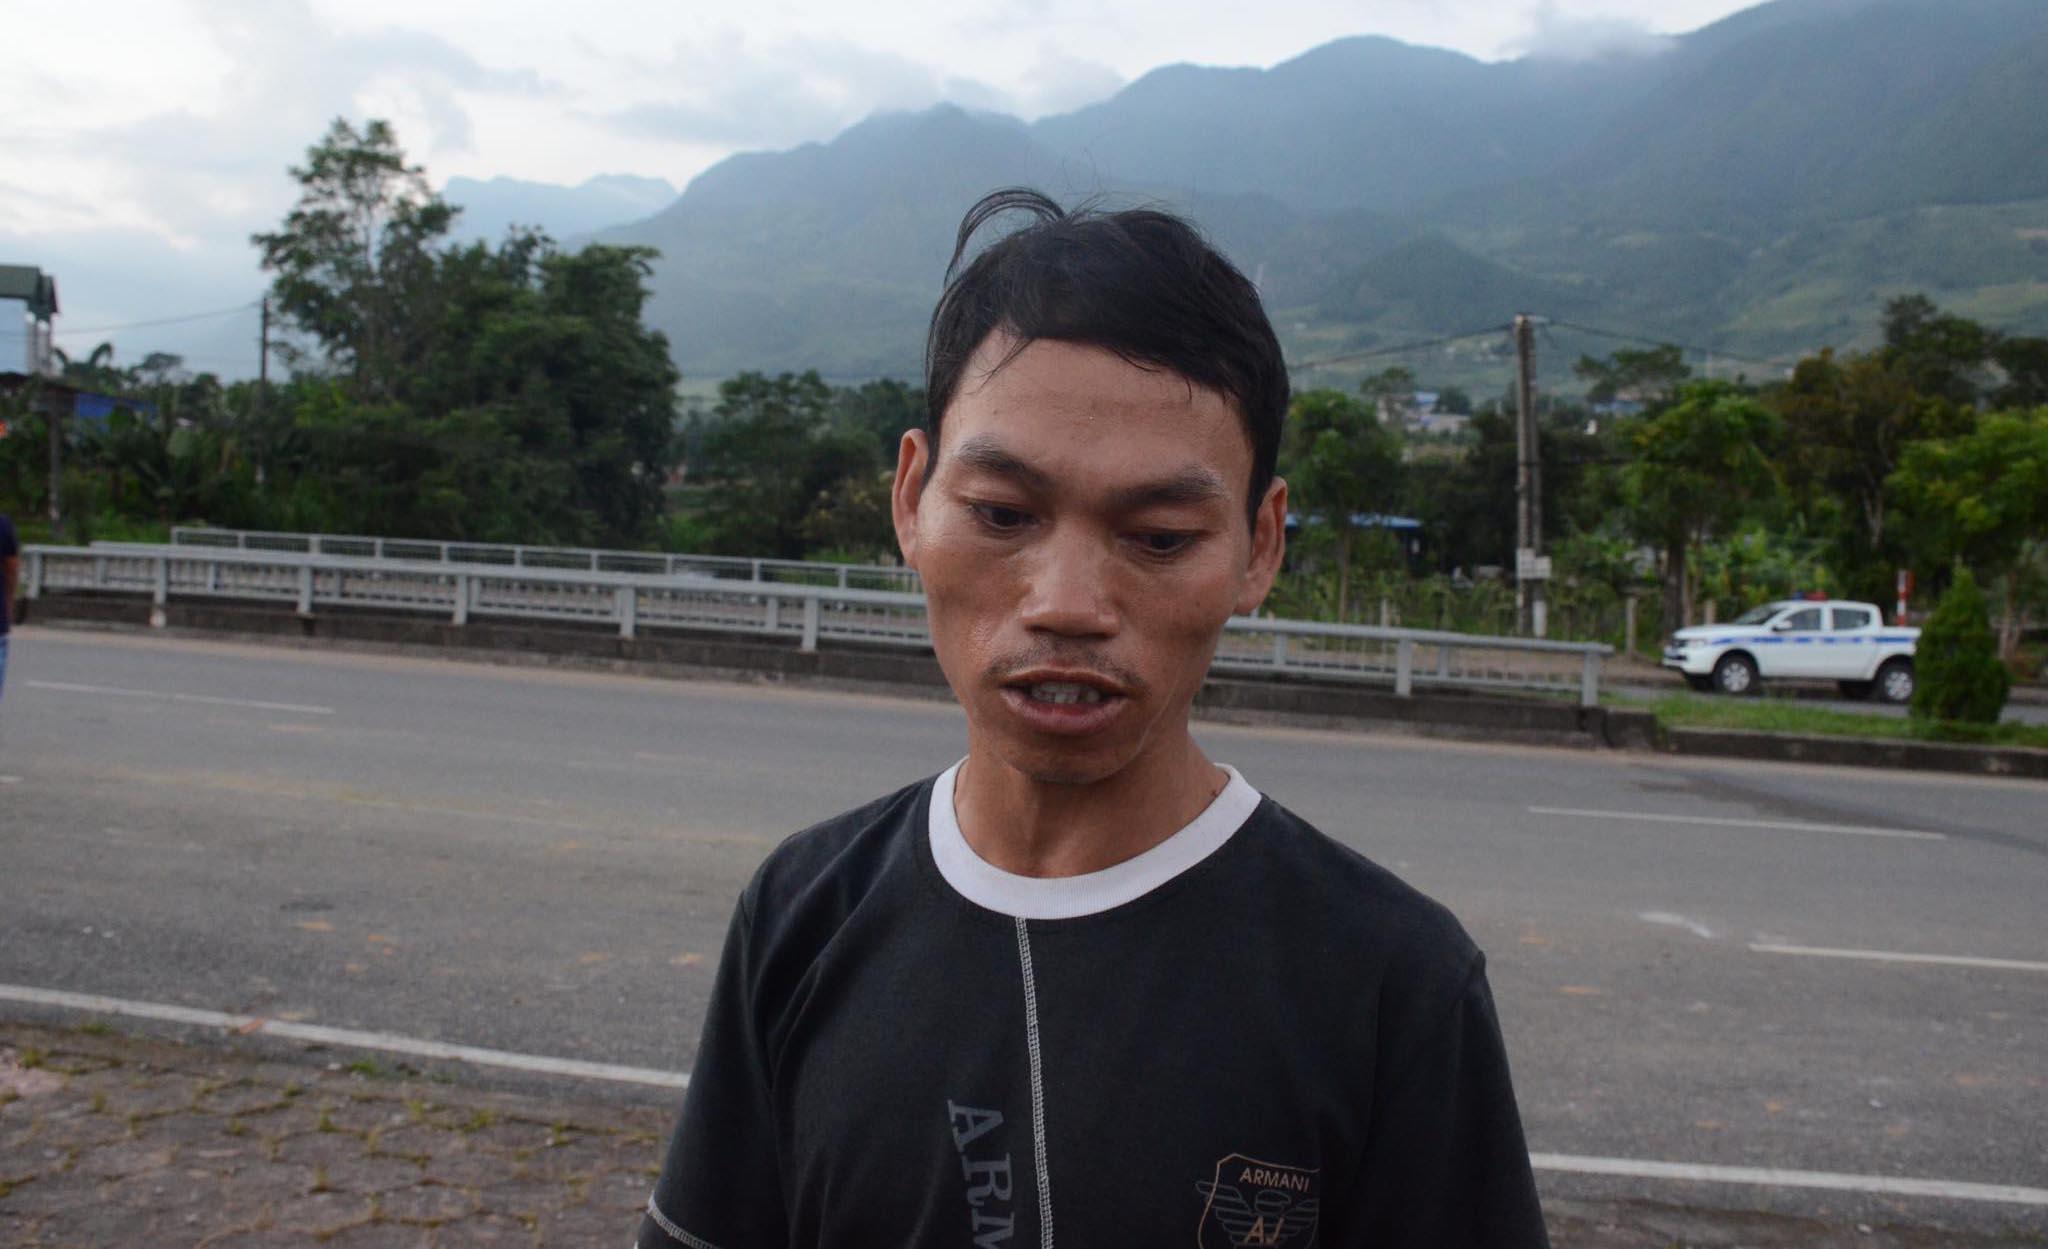 Vu tai nạn 13 người chết ở Lai Châu: Trước khi gặp nạn, xe bồn bấm còi liên tục, tài xế mở cửa hét lớn 1